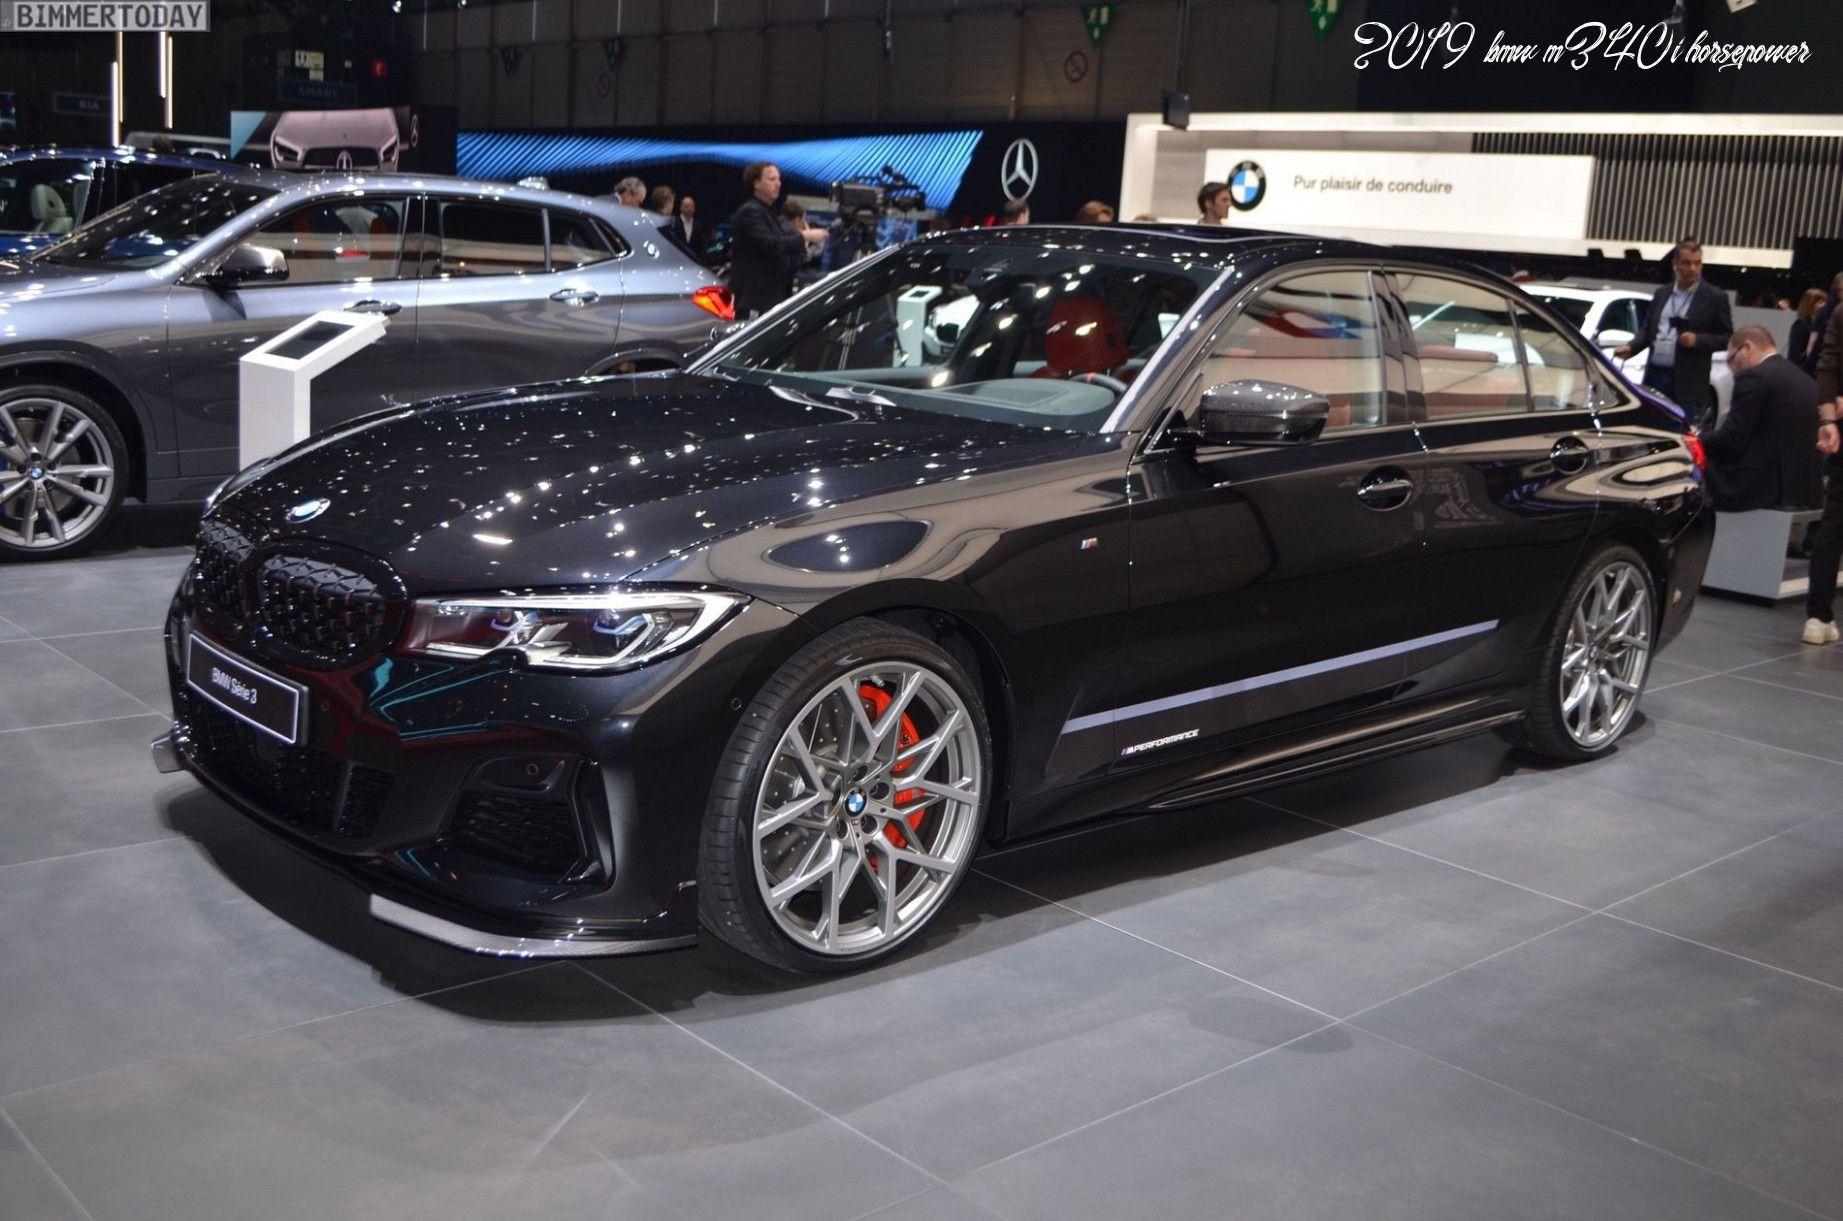 2019 Bmw M340i Horsepower In 2020 Bmw Bmw For Sale Car